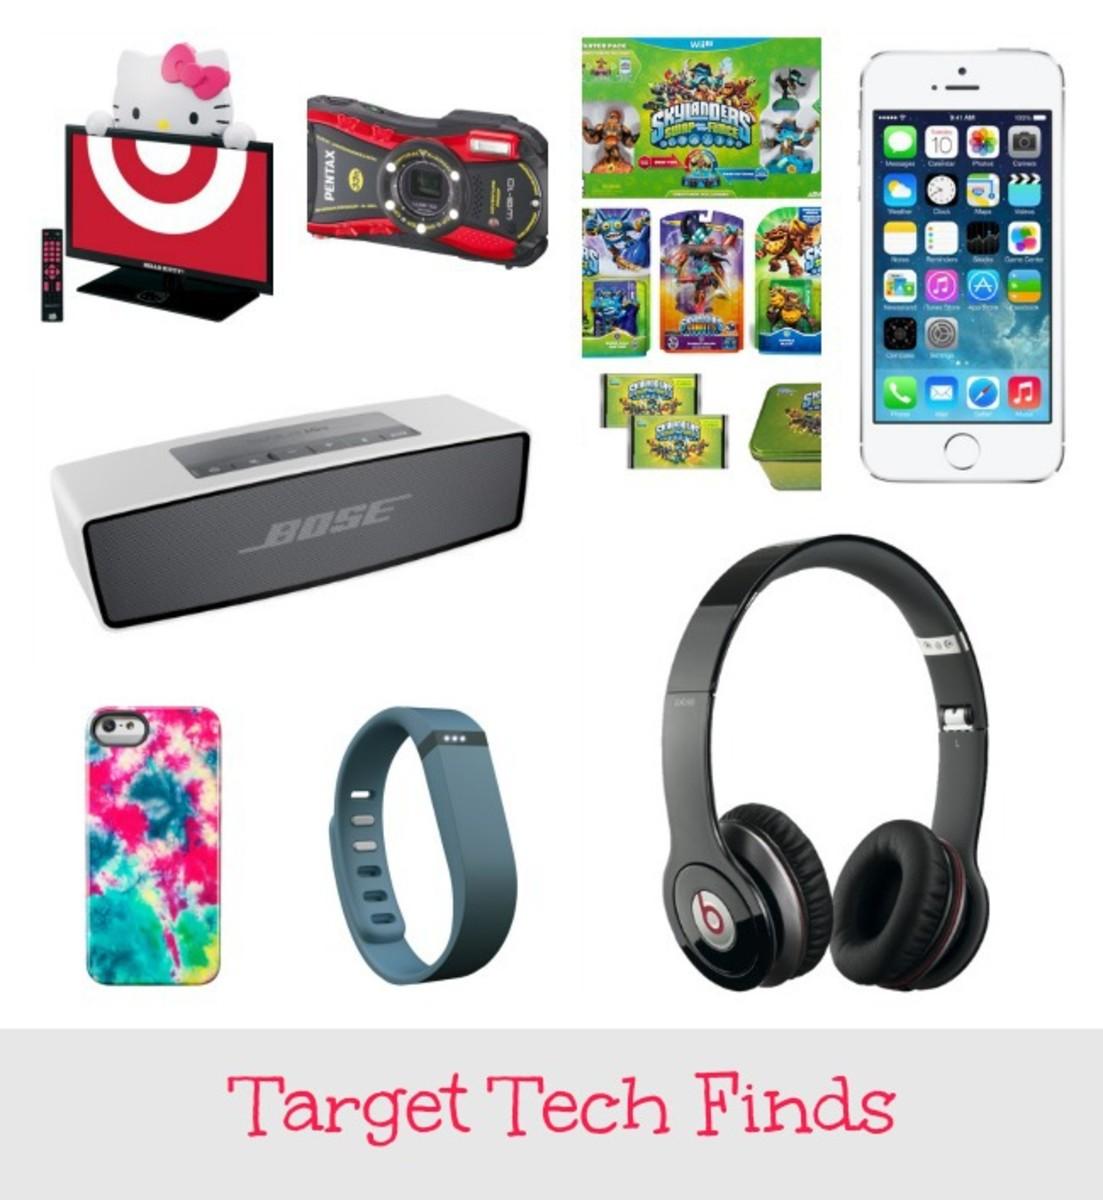 Target Tech Finds